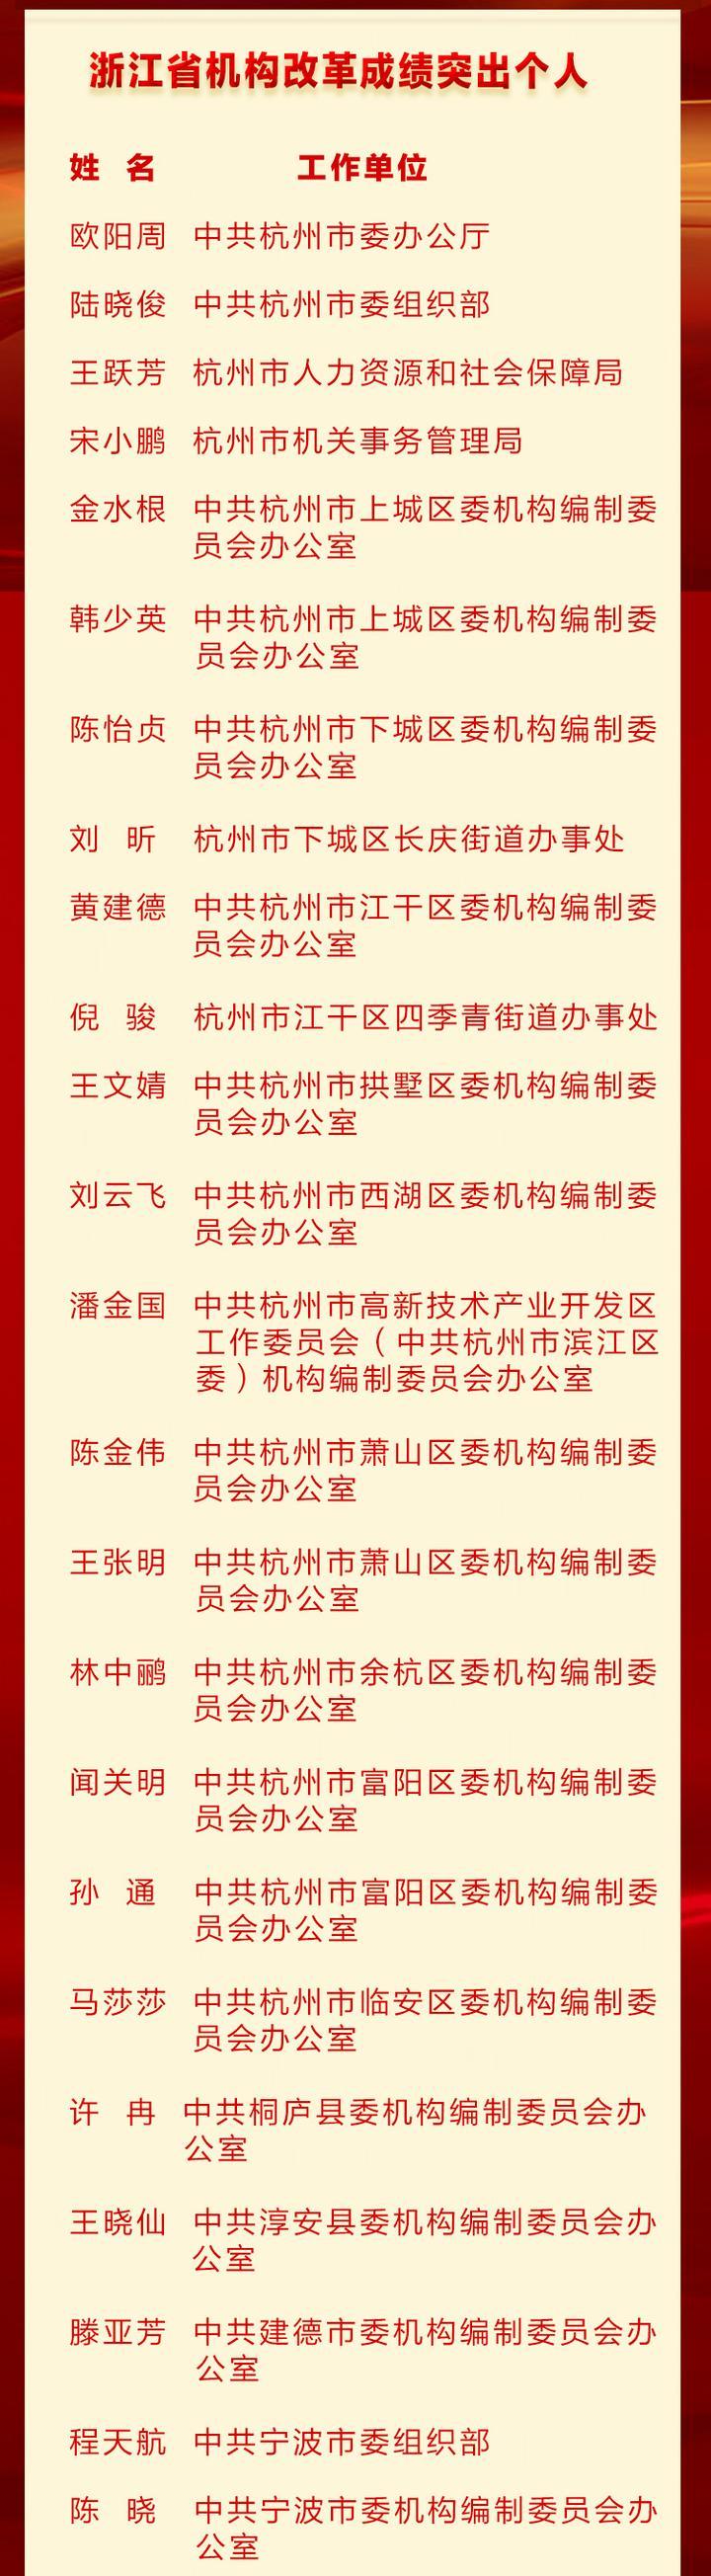 名单zhongji改改改改_02.jpg